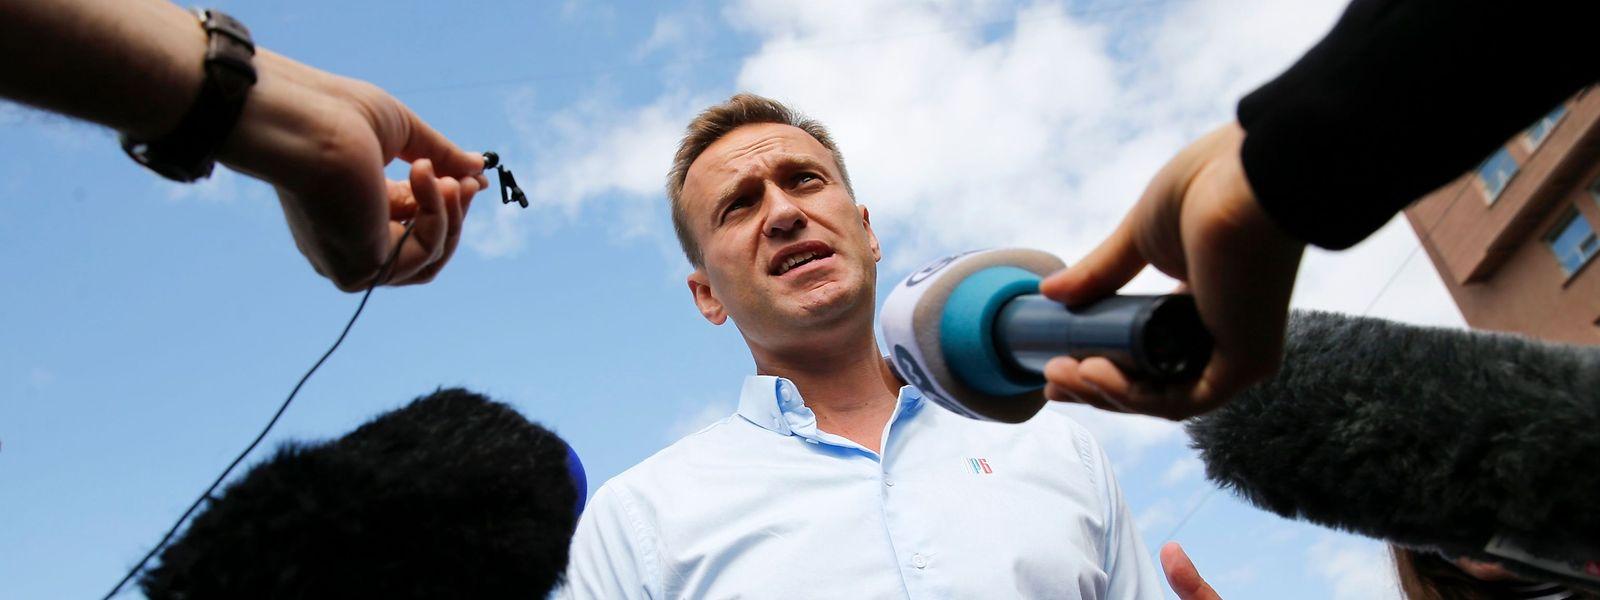 Niemand will es gewesen sein: Der russische Oppositionelle Alexej Nawalny liegt mit Vergiftungserscheinungen im Koma.